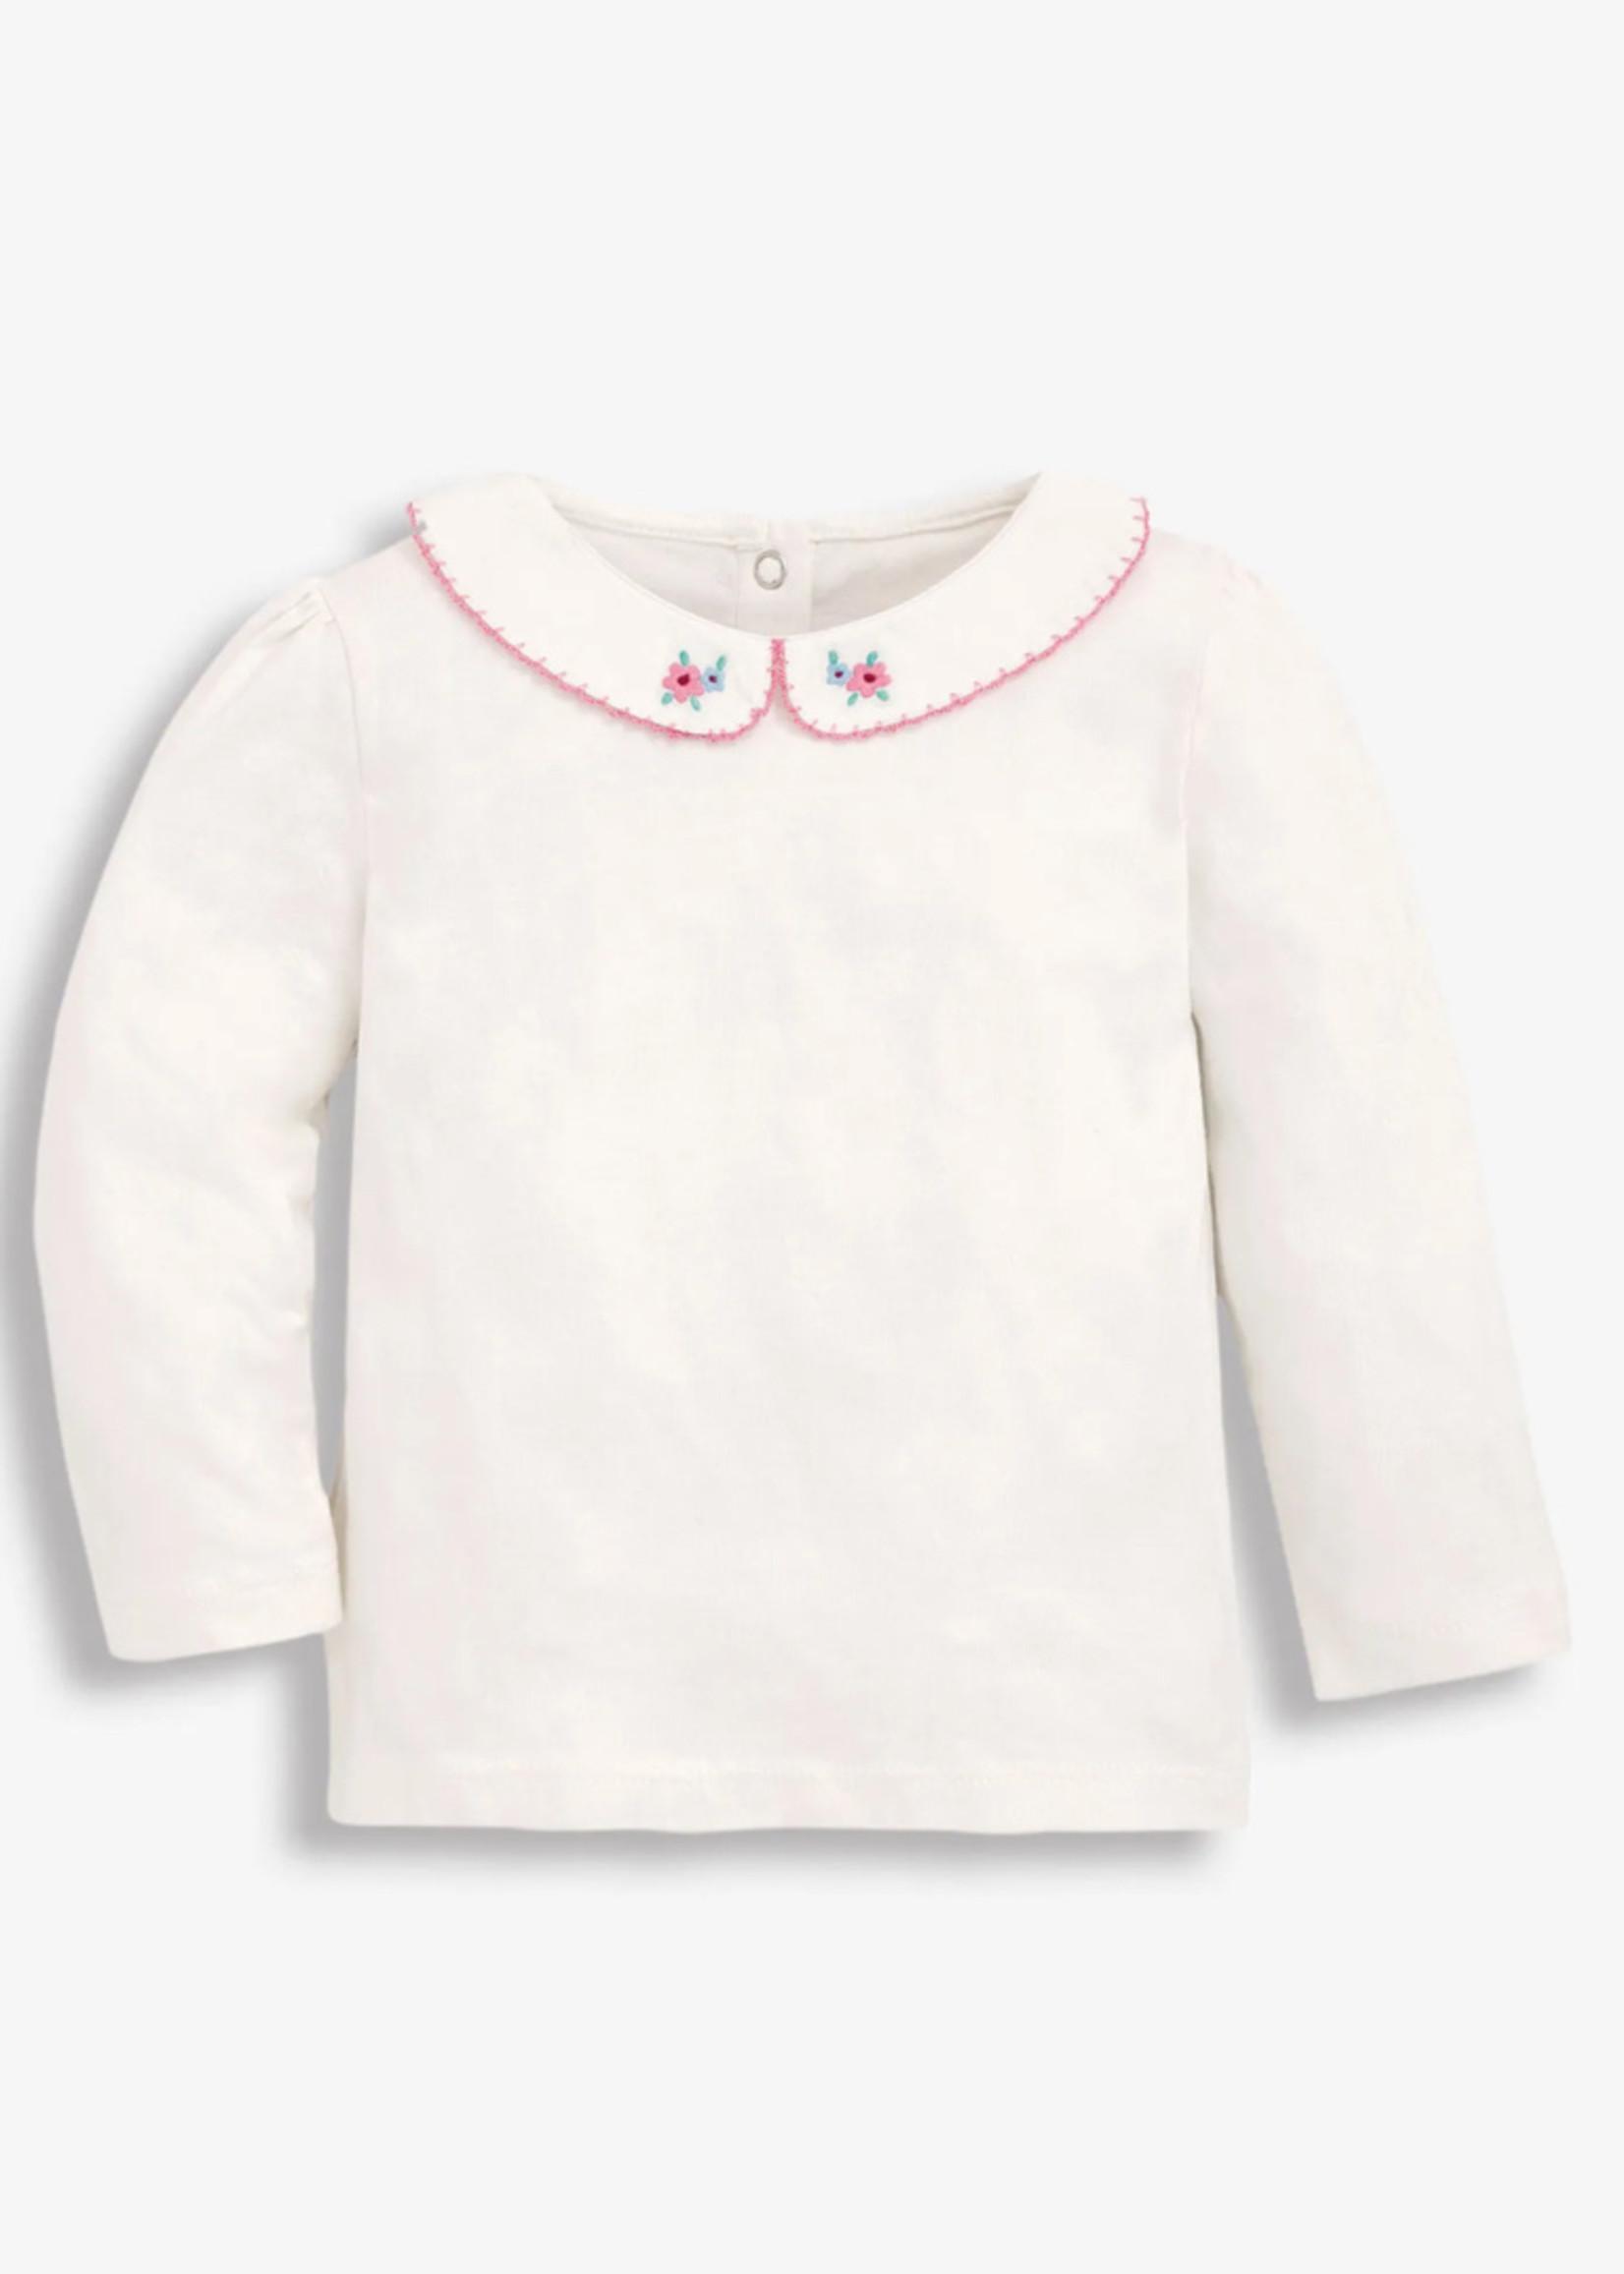 jojo maman bebe Floral Embroidered Peter Pan Collar Top